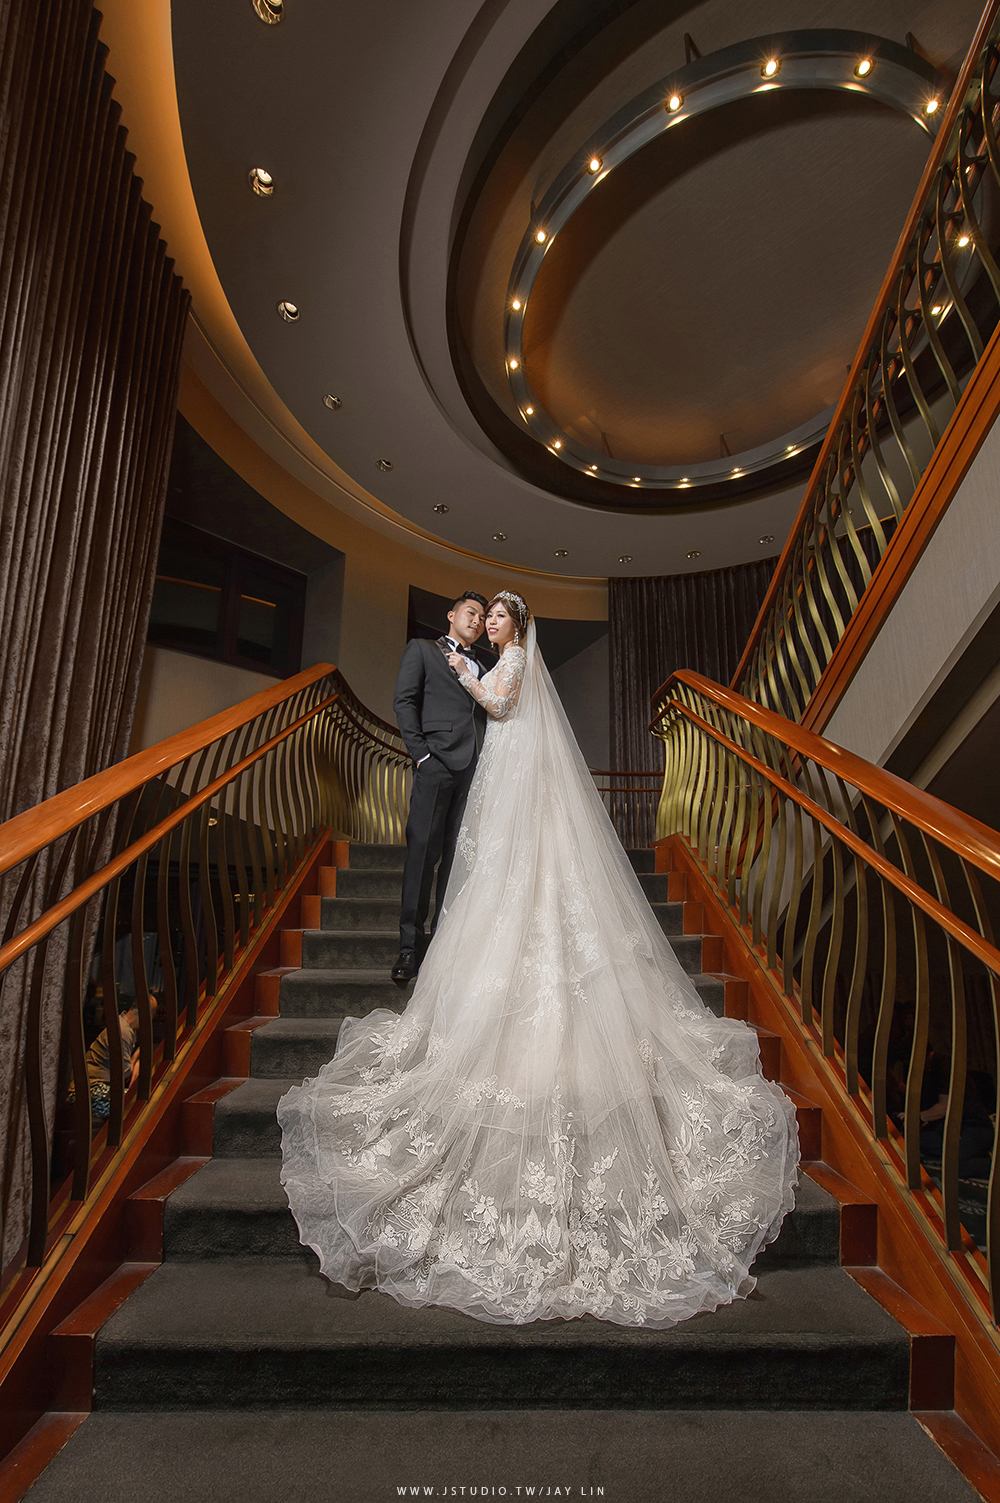 婚攝 台北婚攝 婚禮紀錄 婚攝 推薦婚攝 世貿三三 JSTUDIO_0095